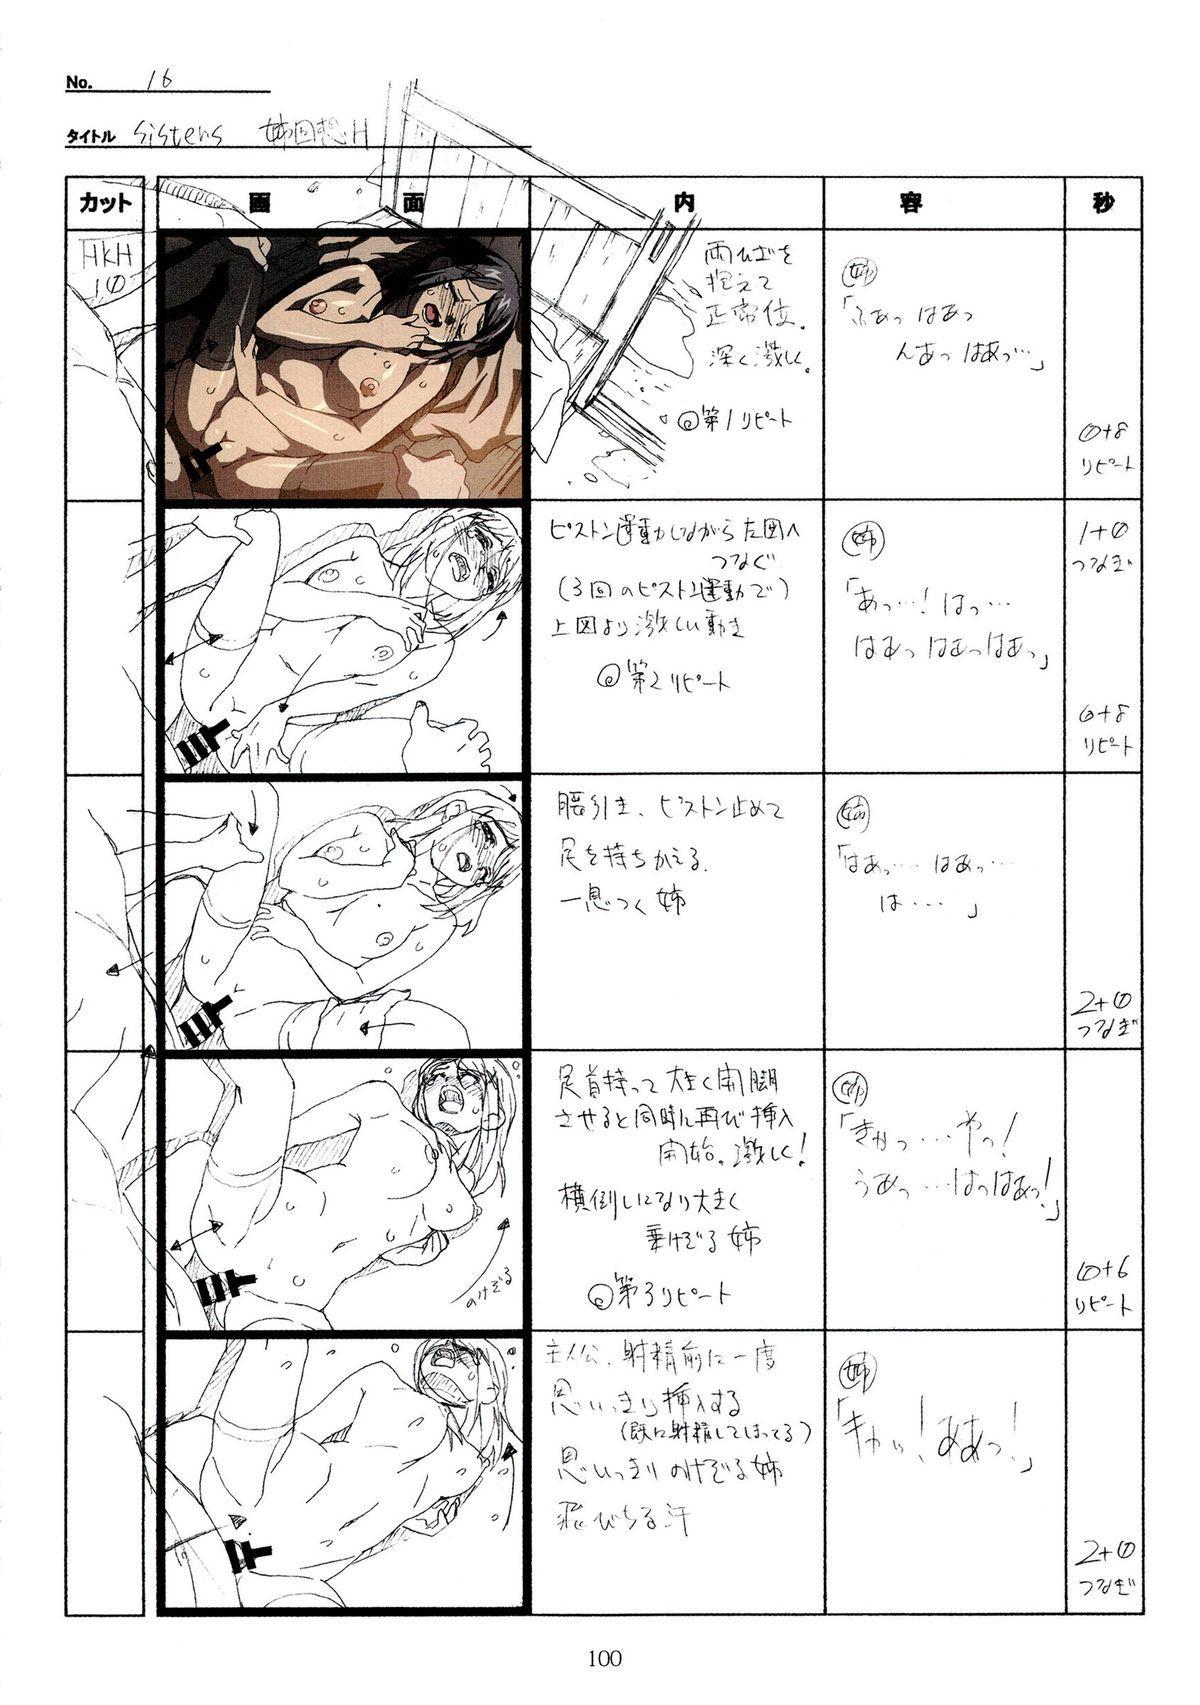 (C89) [Makino Jimusho (Taki Minashika)] SISTERS -Natsu no Saigo no Hi- H Scene All Part Storyboard (SISTERS -Natsu no Saigo no Hi-) 99